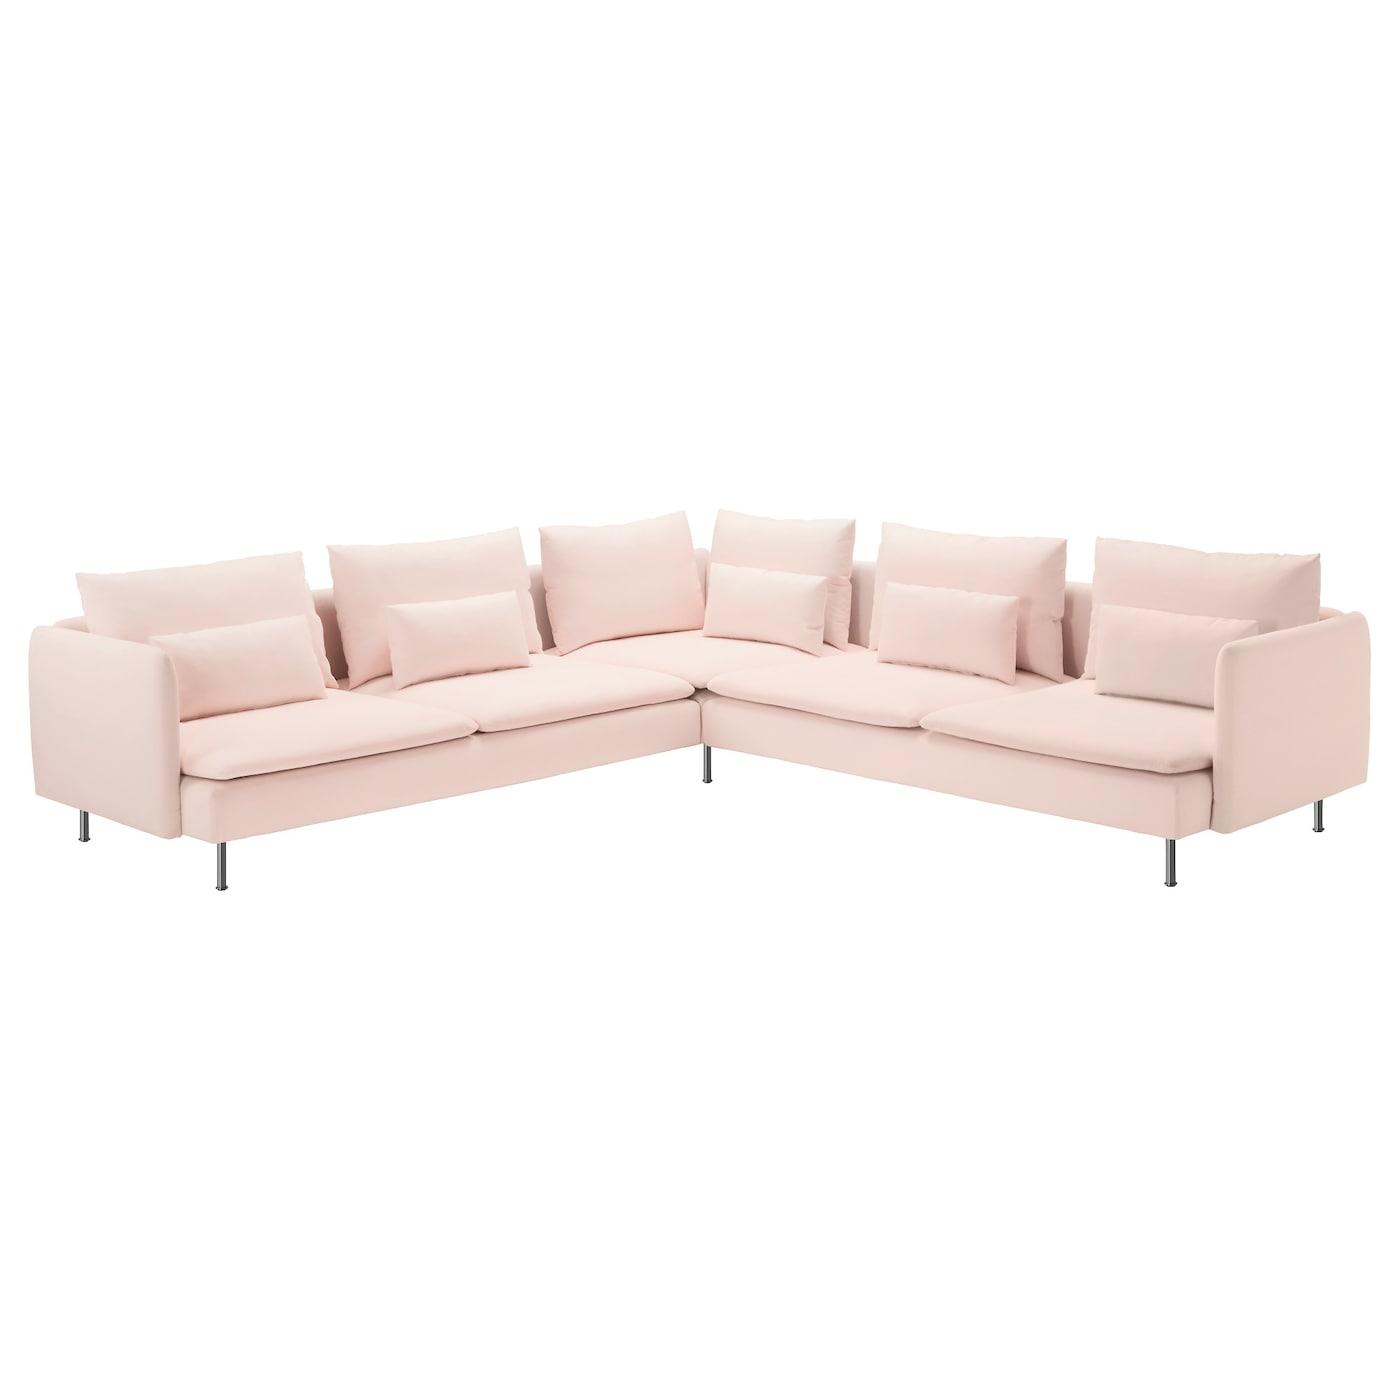 Sofas De Tela Compra Online Ikea